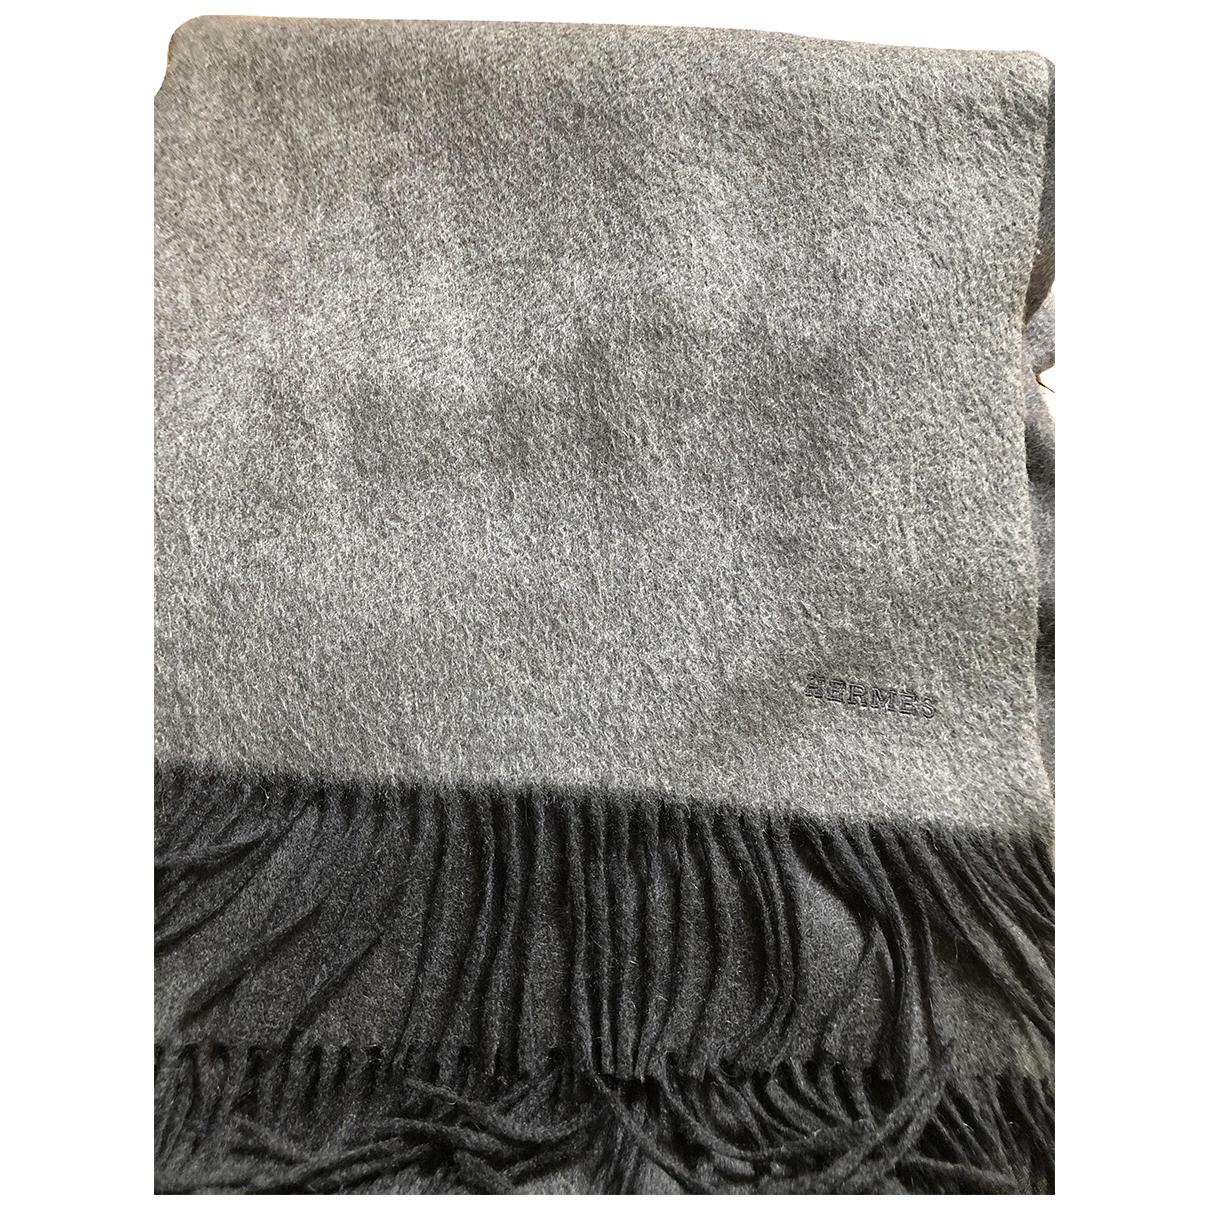 Hermes - Linge de maison   pour lifestyle en cachemire - gris